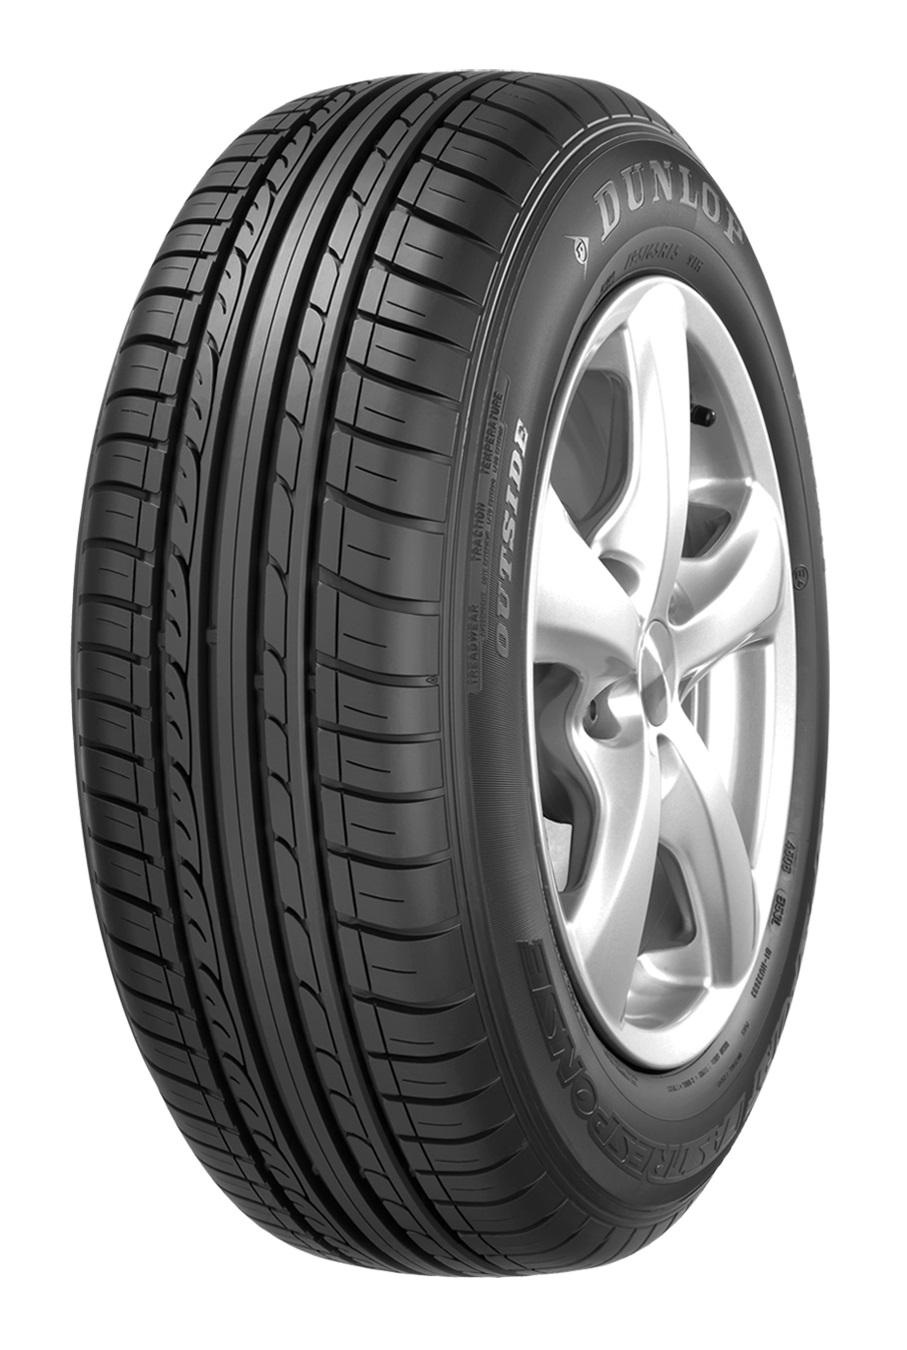 Dunlop 205/55R15 88V FASTRESPONSE DOT11